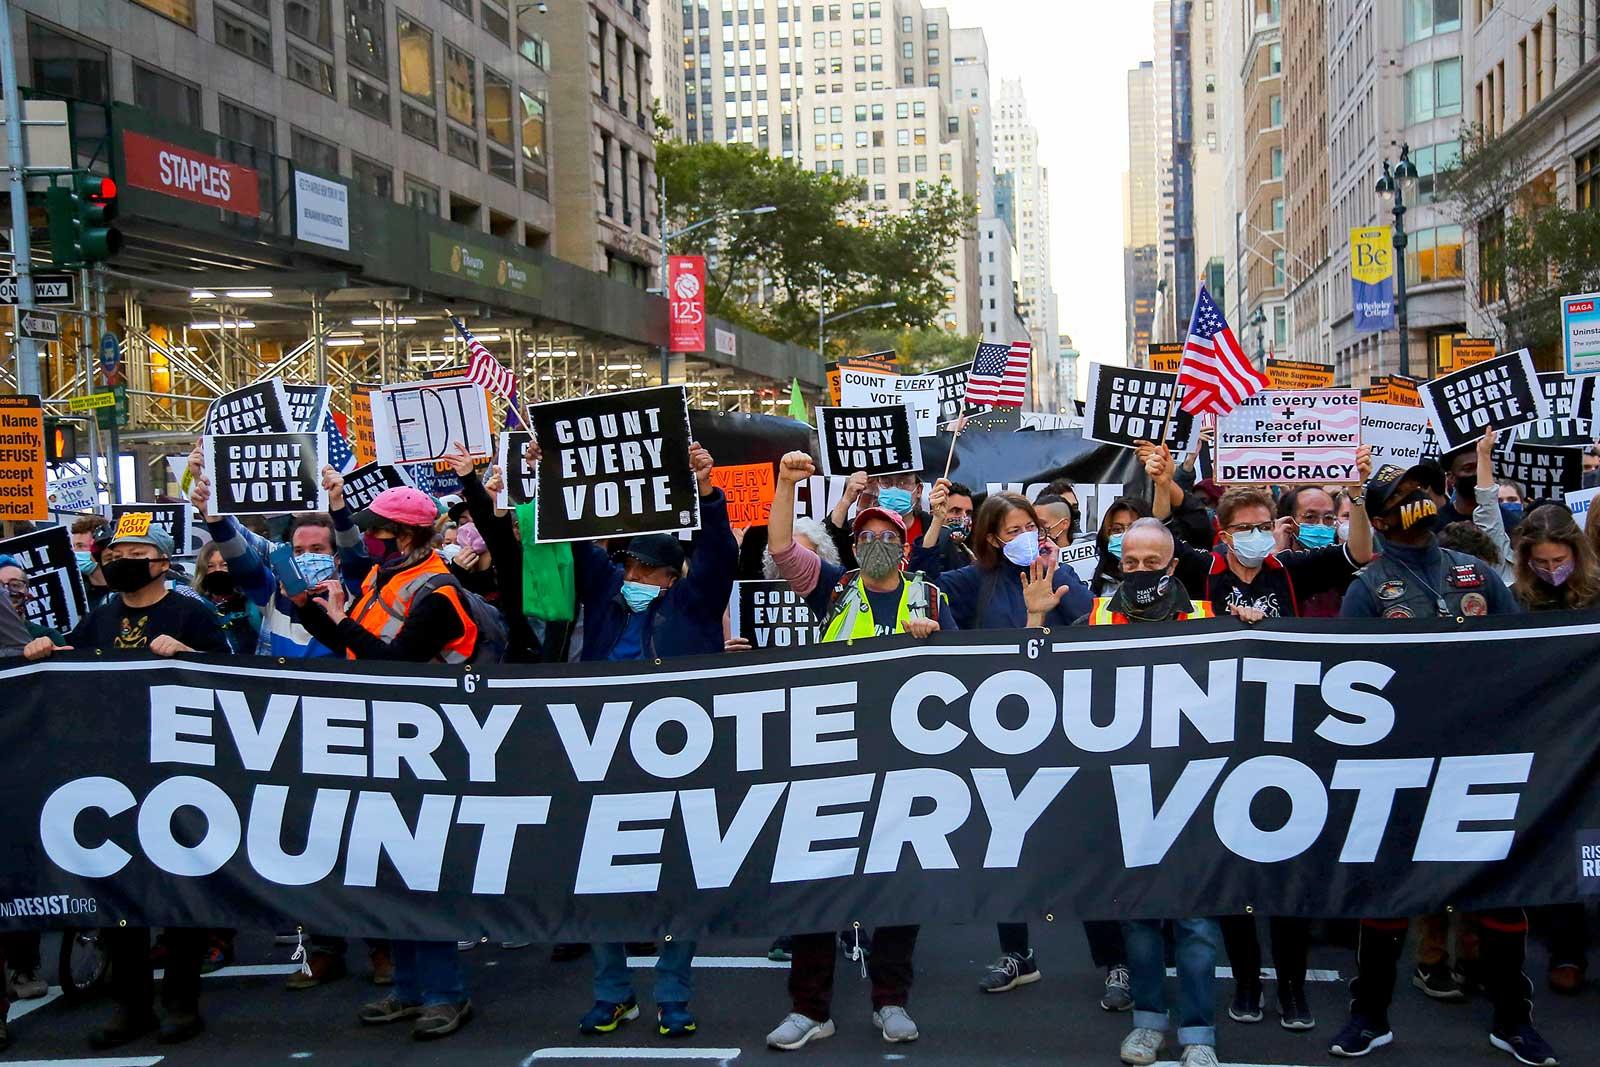 Manifestants, pels carrers de Nova York, amb el lema Cada vot compte, ahir. Fotografia d'Anik Rahman. Zuma Wire.